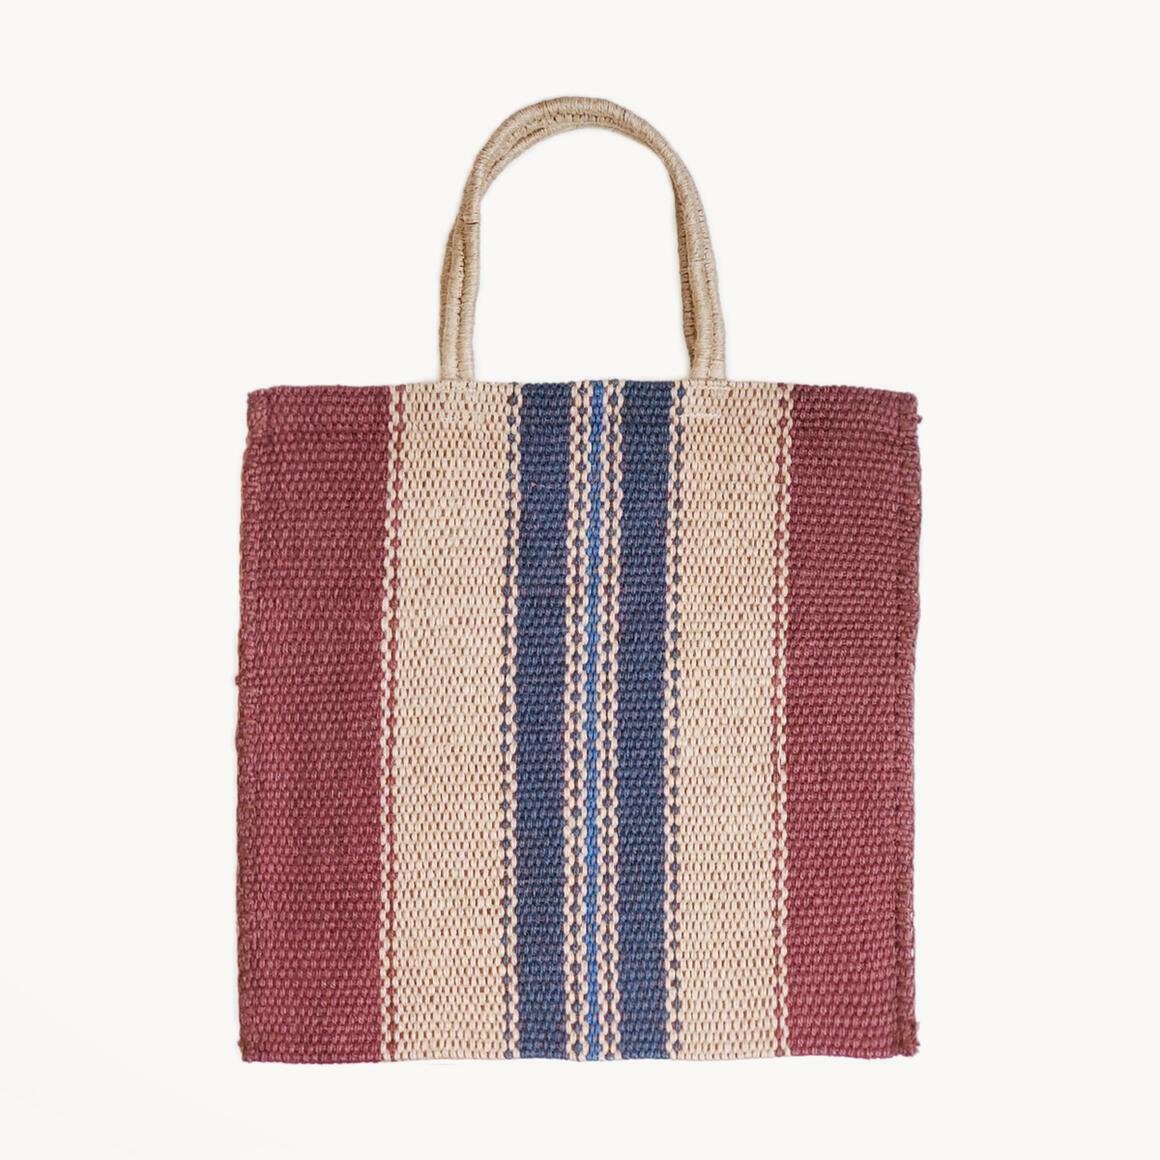 Dora Jute Tote Bag - Multi Brown | Trada Marketplace